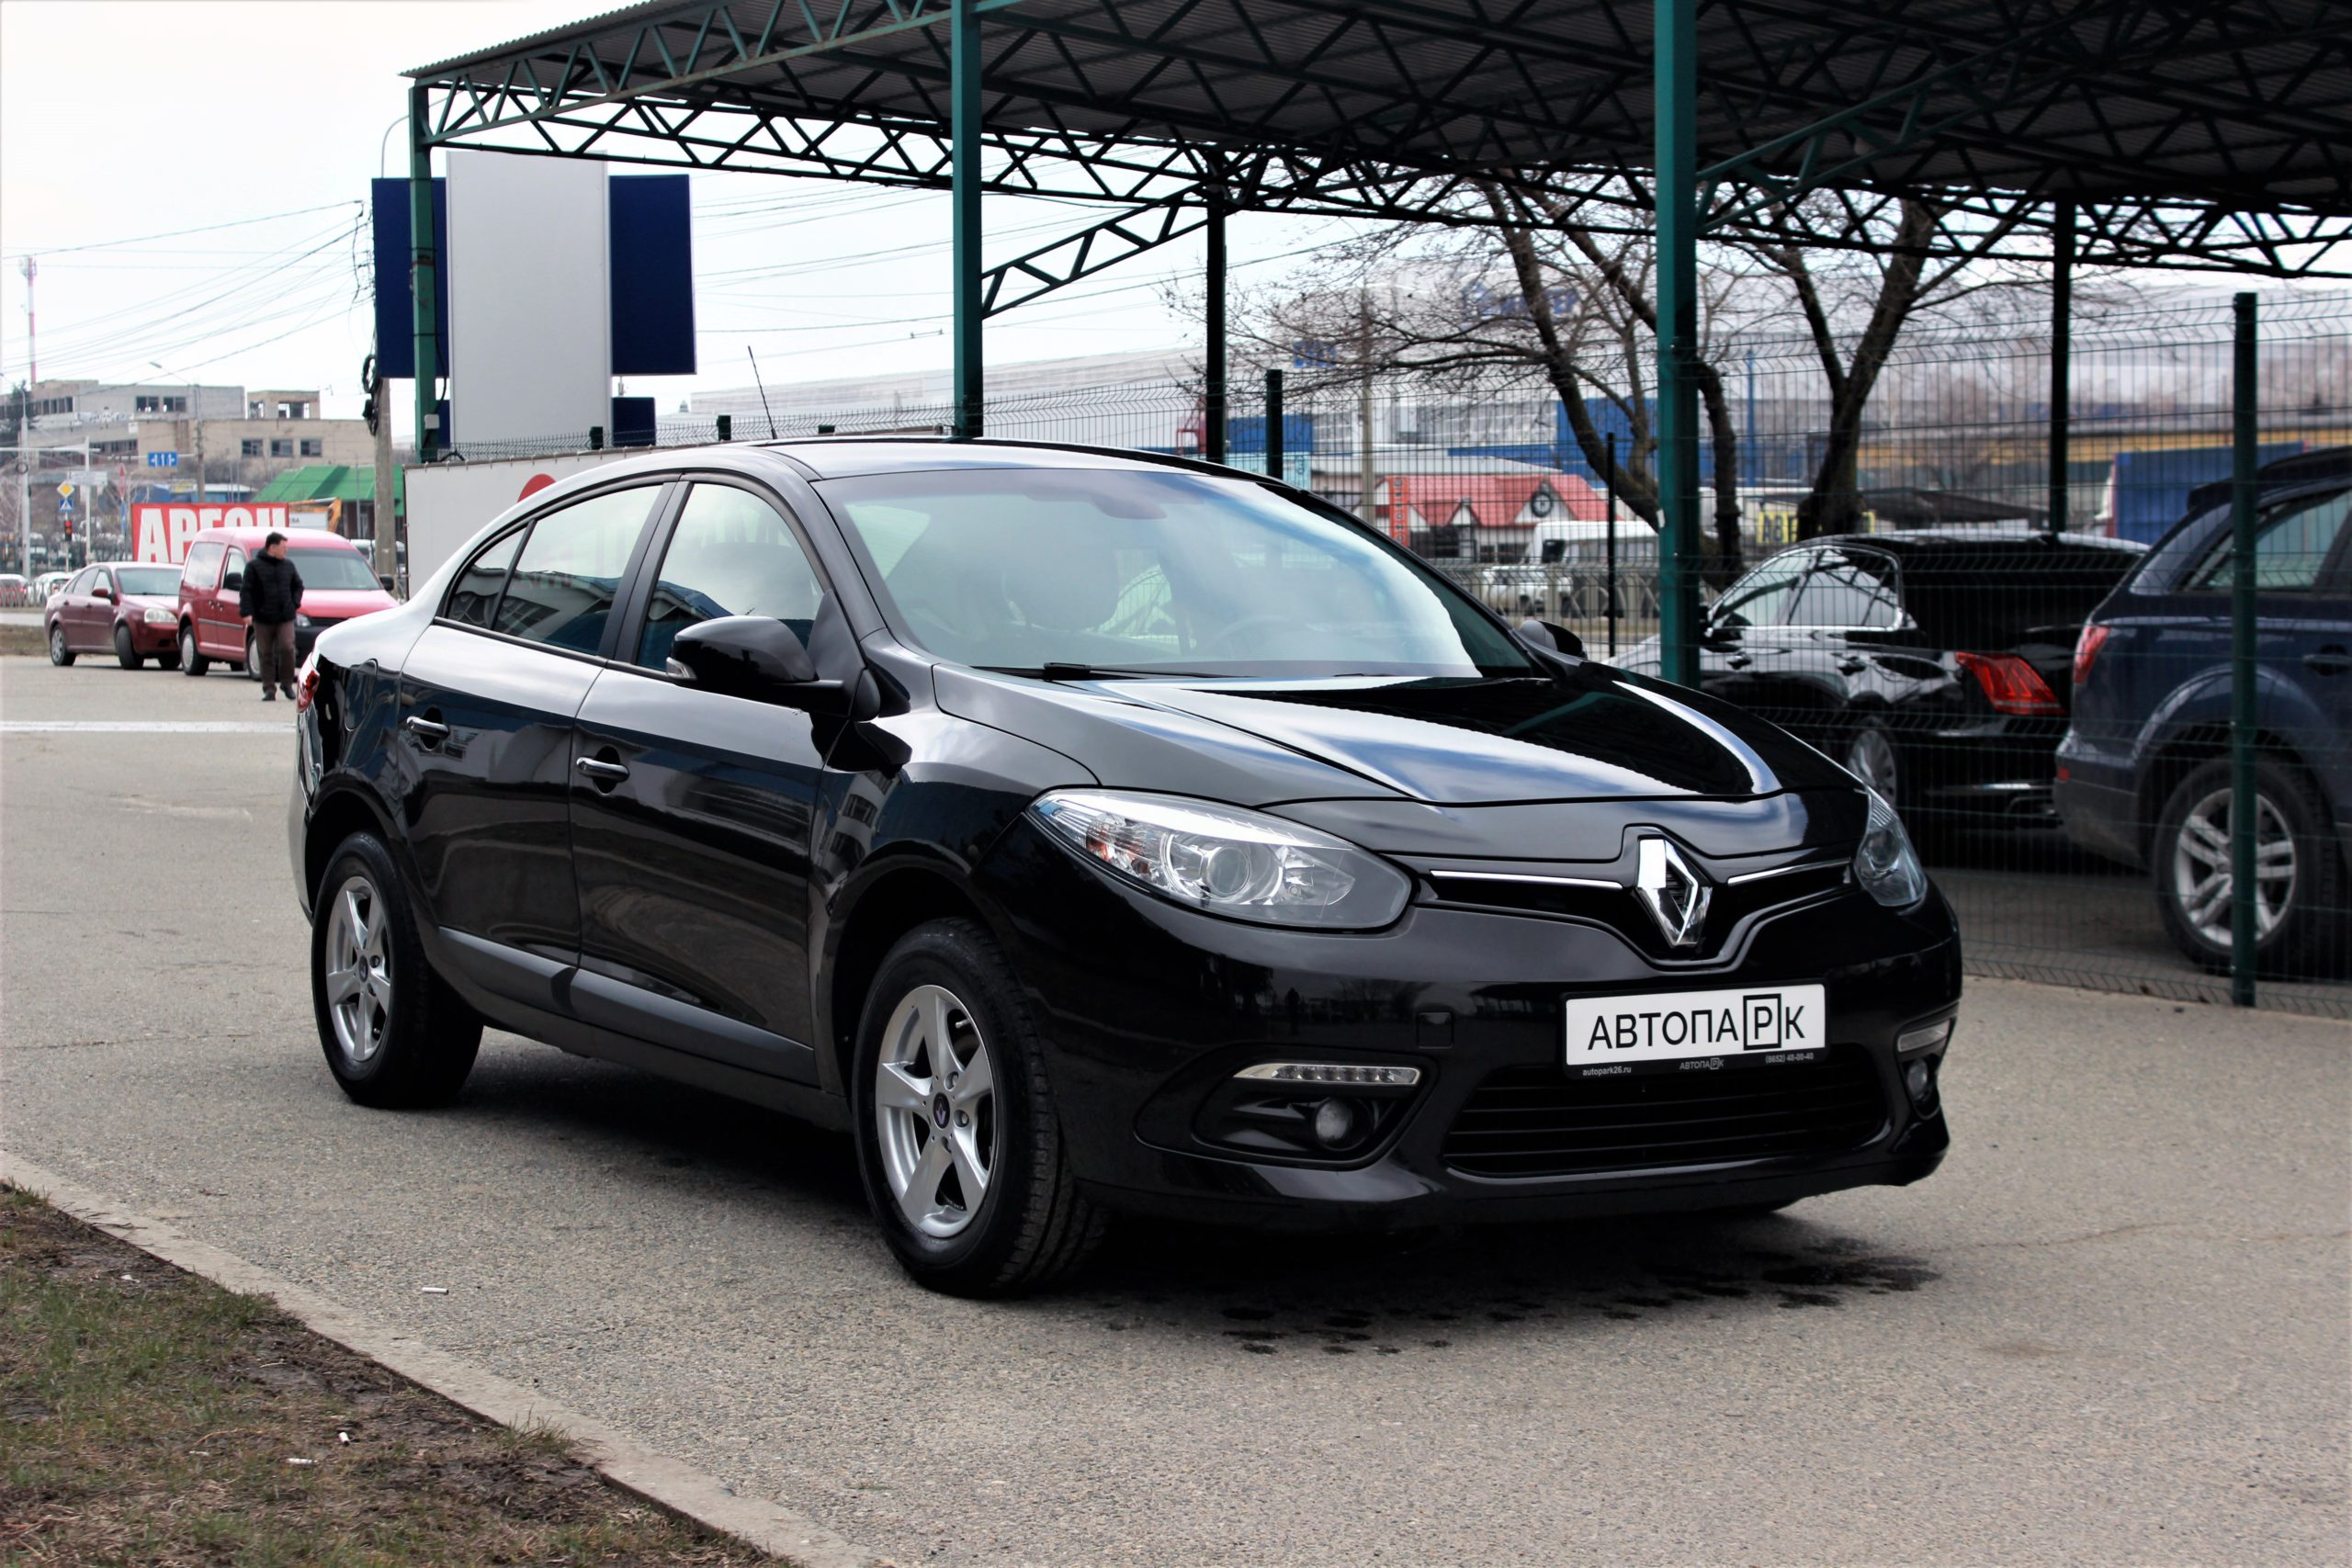 Купить Renault Fluence (Черный) - Автопарк Ставрополь